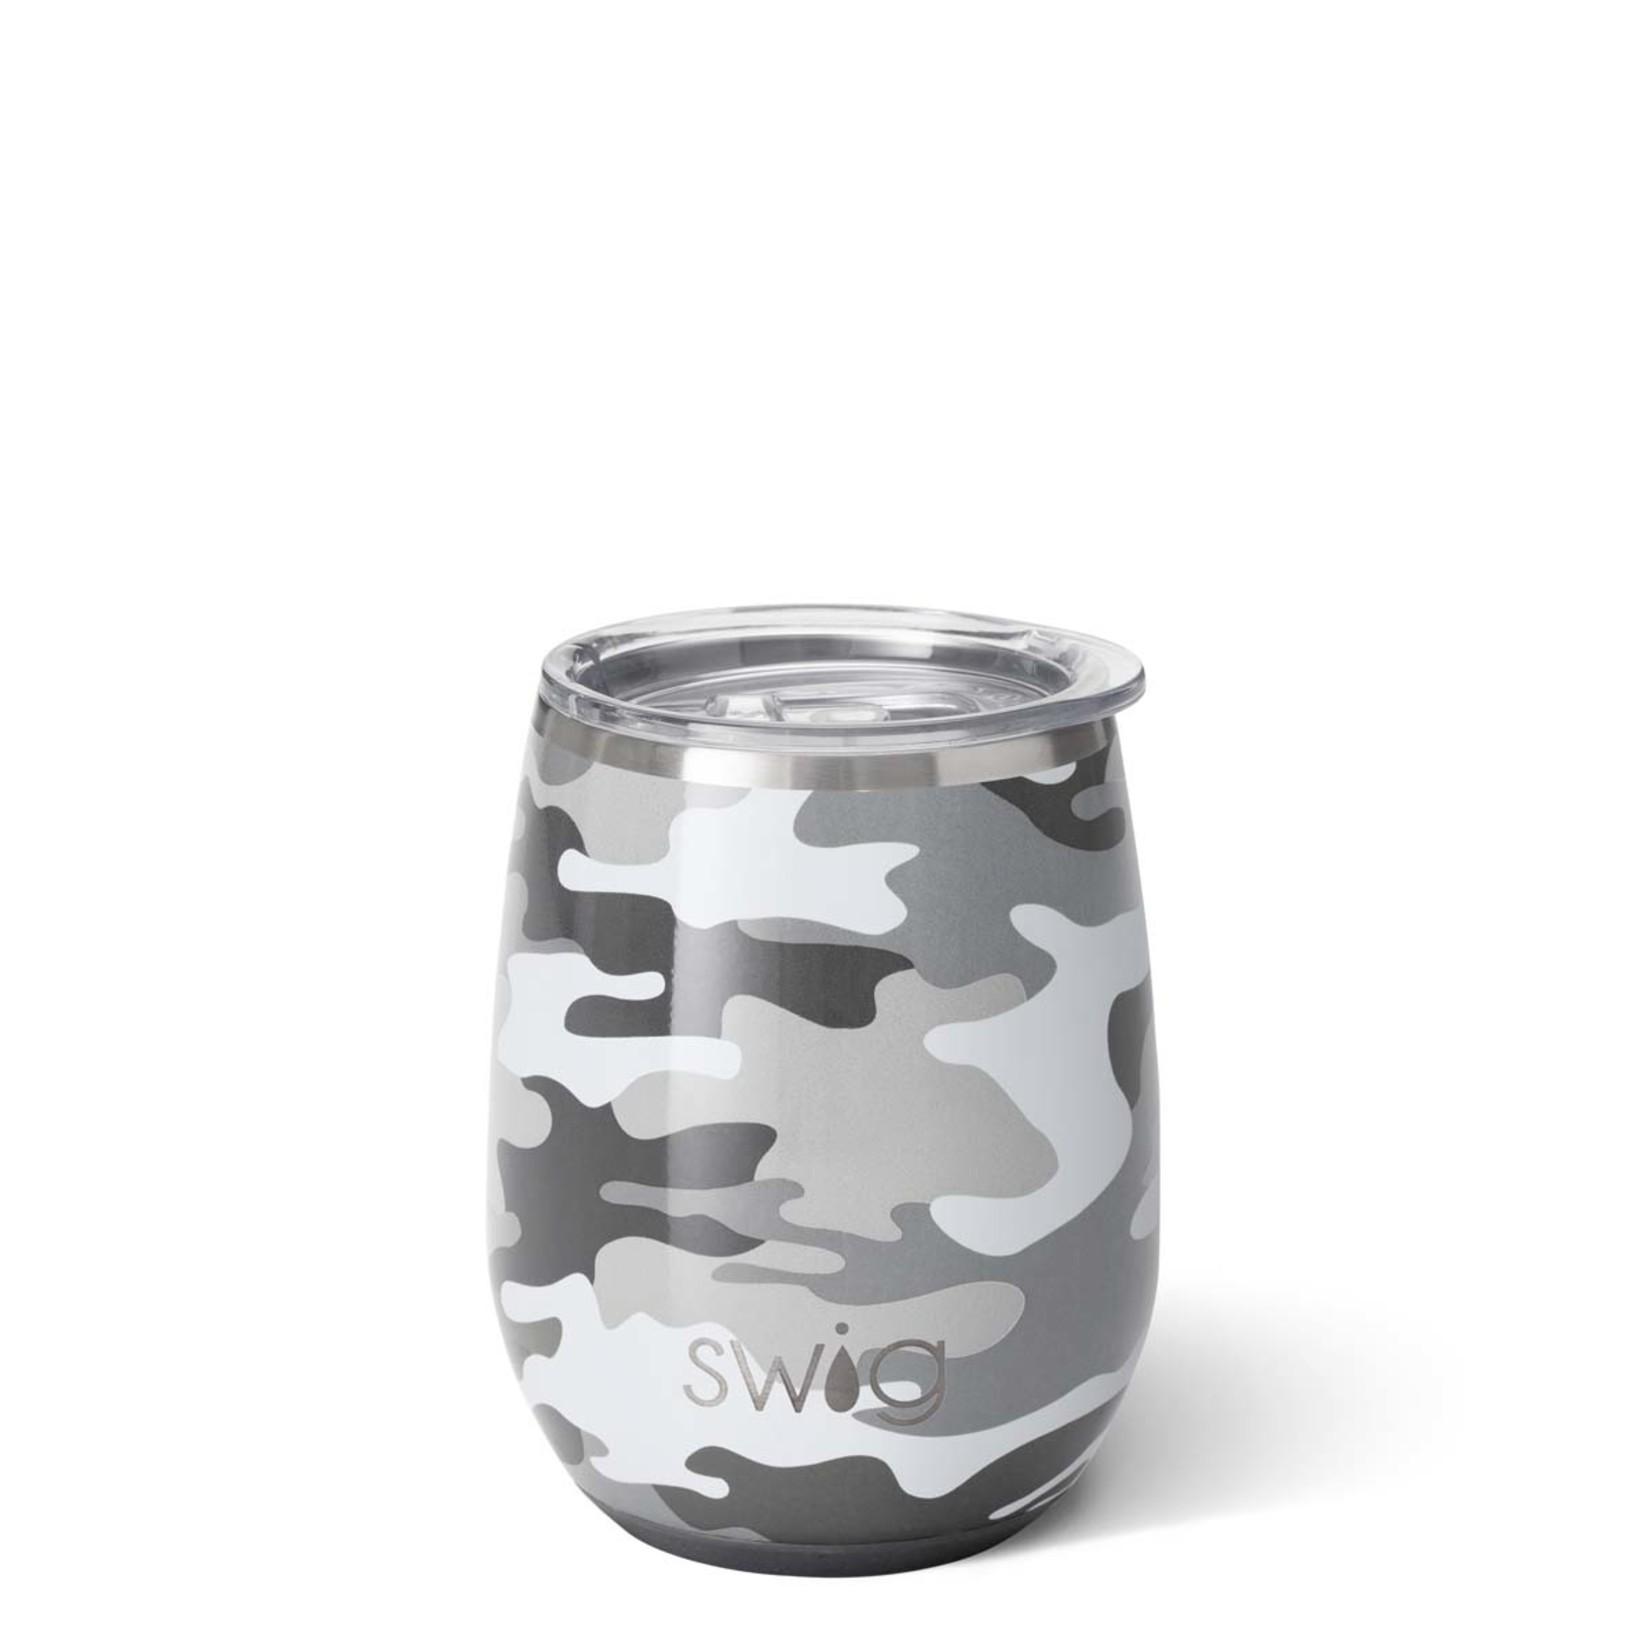 Swig INCOGNITO CAMO SWIG 140Z STEMLESS WINE CUP